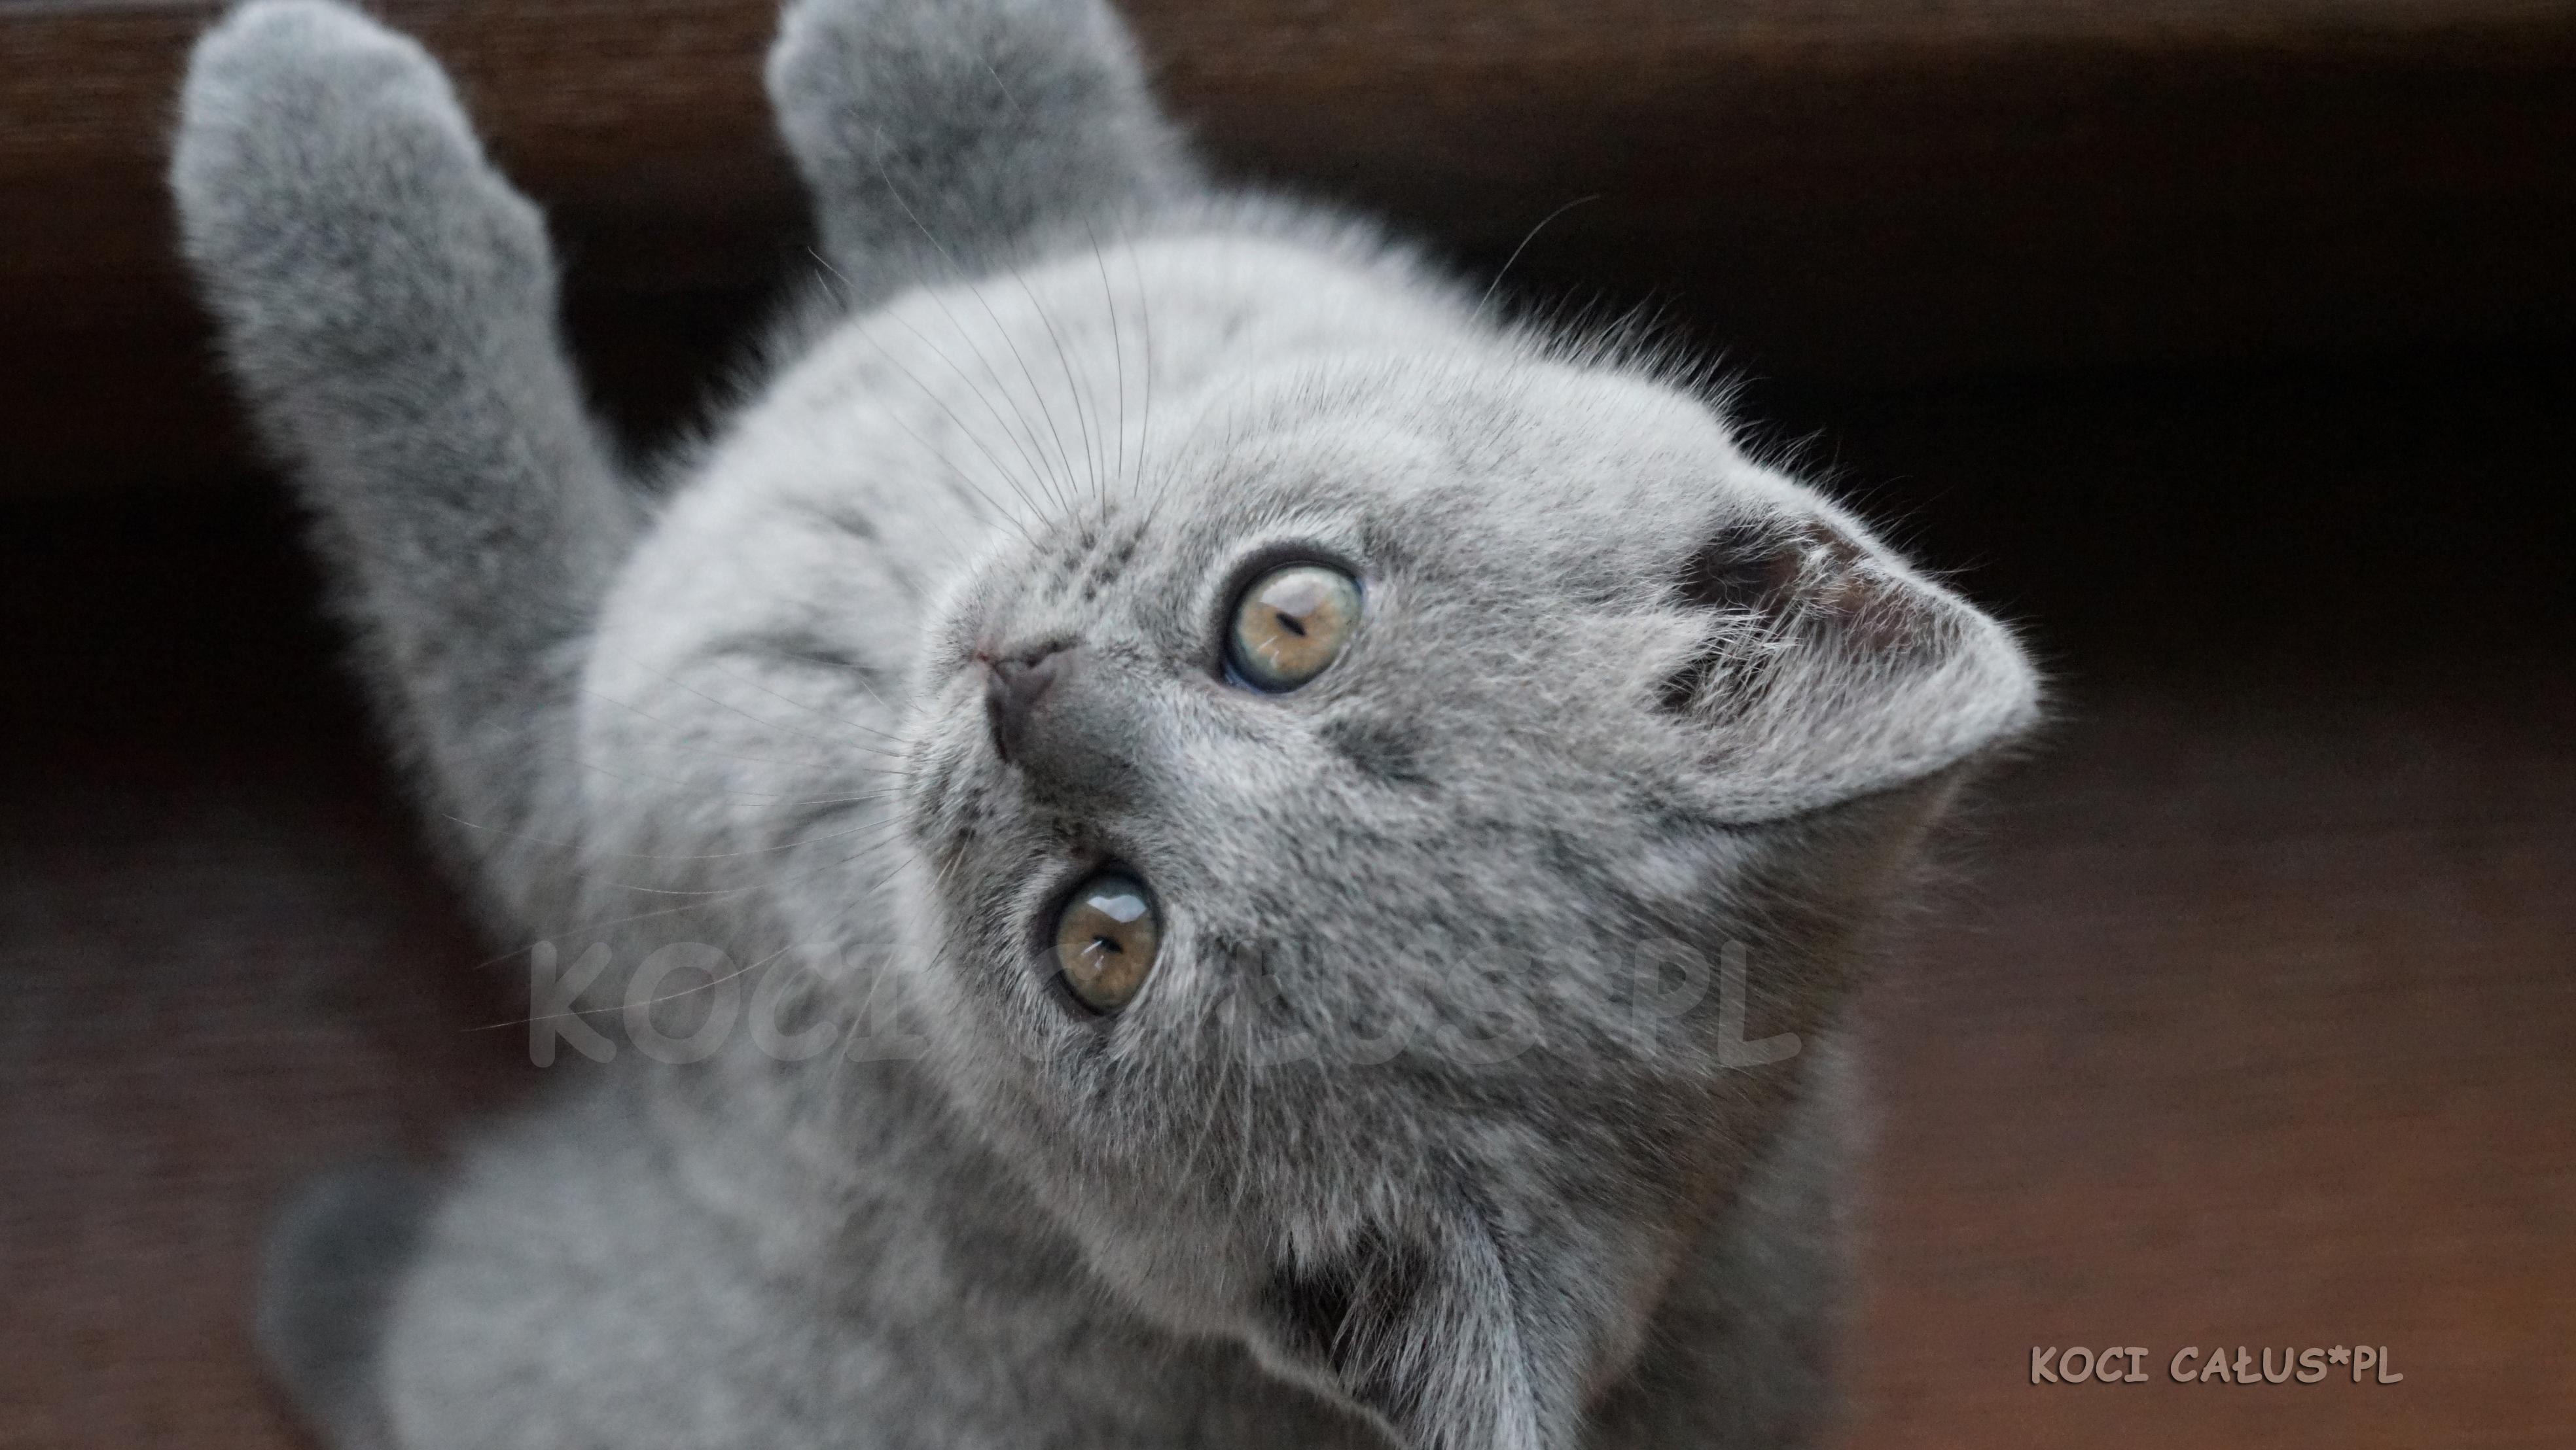 GINA BLUE Koci Całus*PL